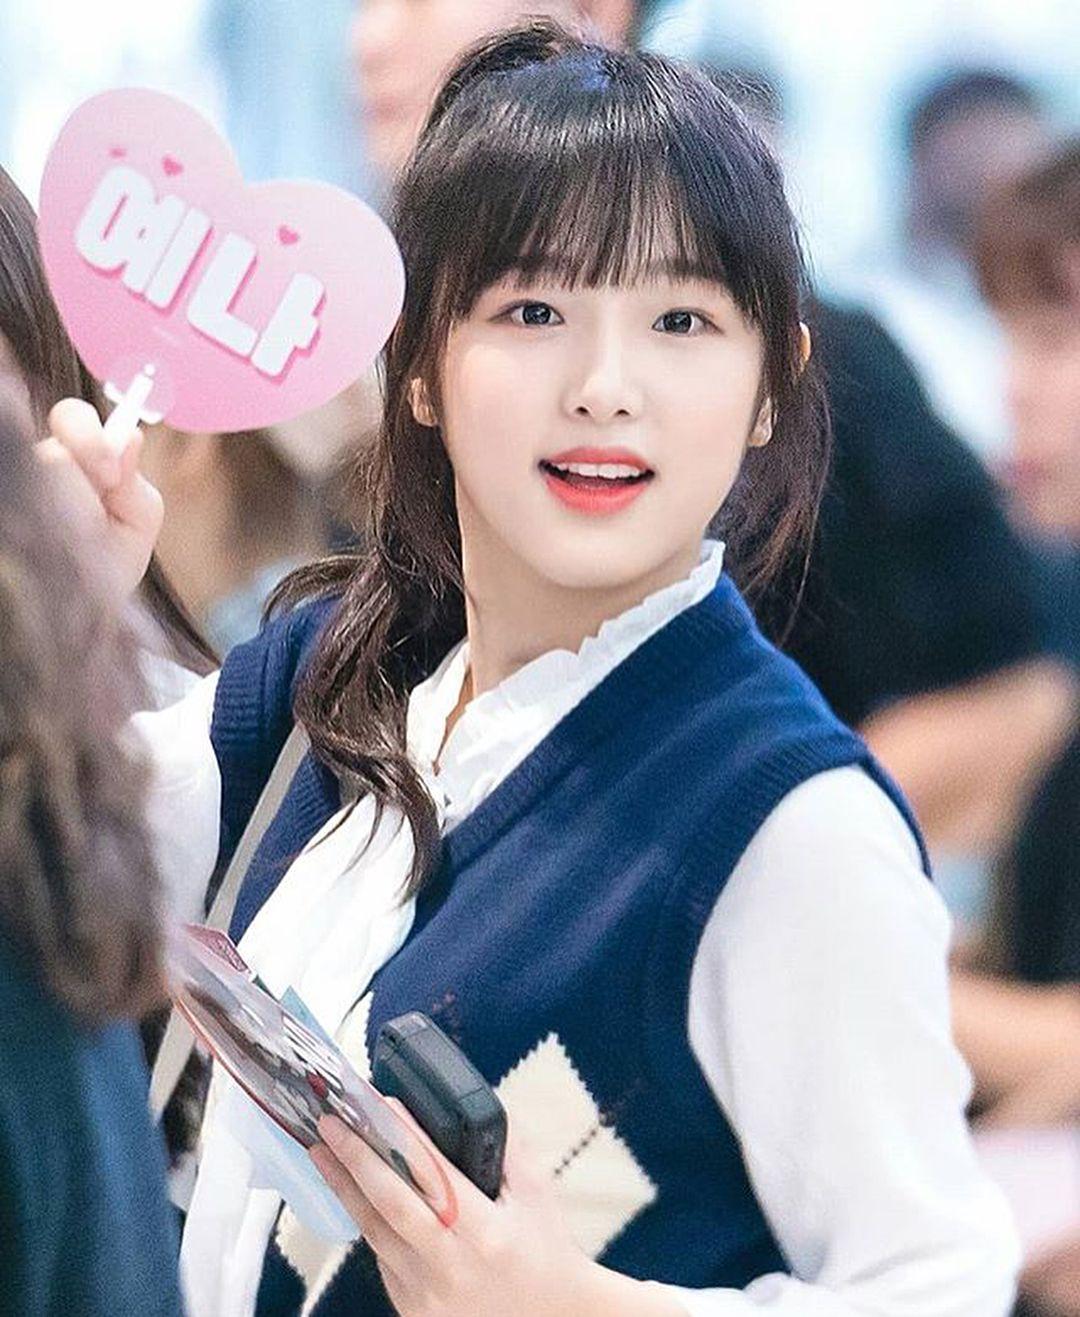 Izone Yena Kpop Girls Korean Singer Korean Girl Groups